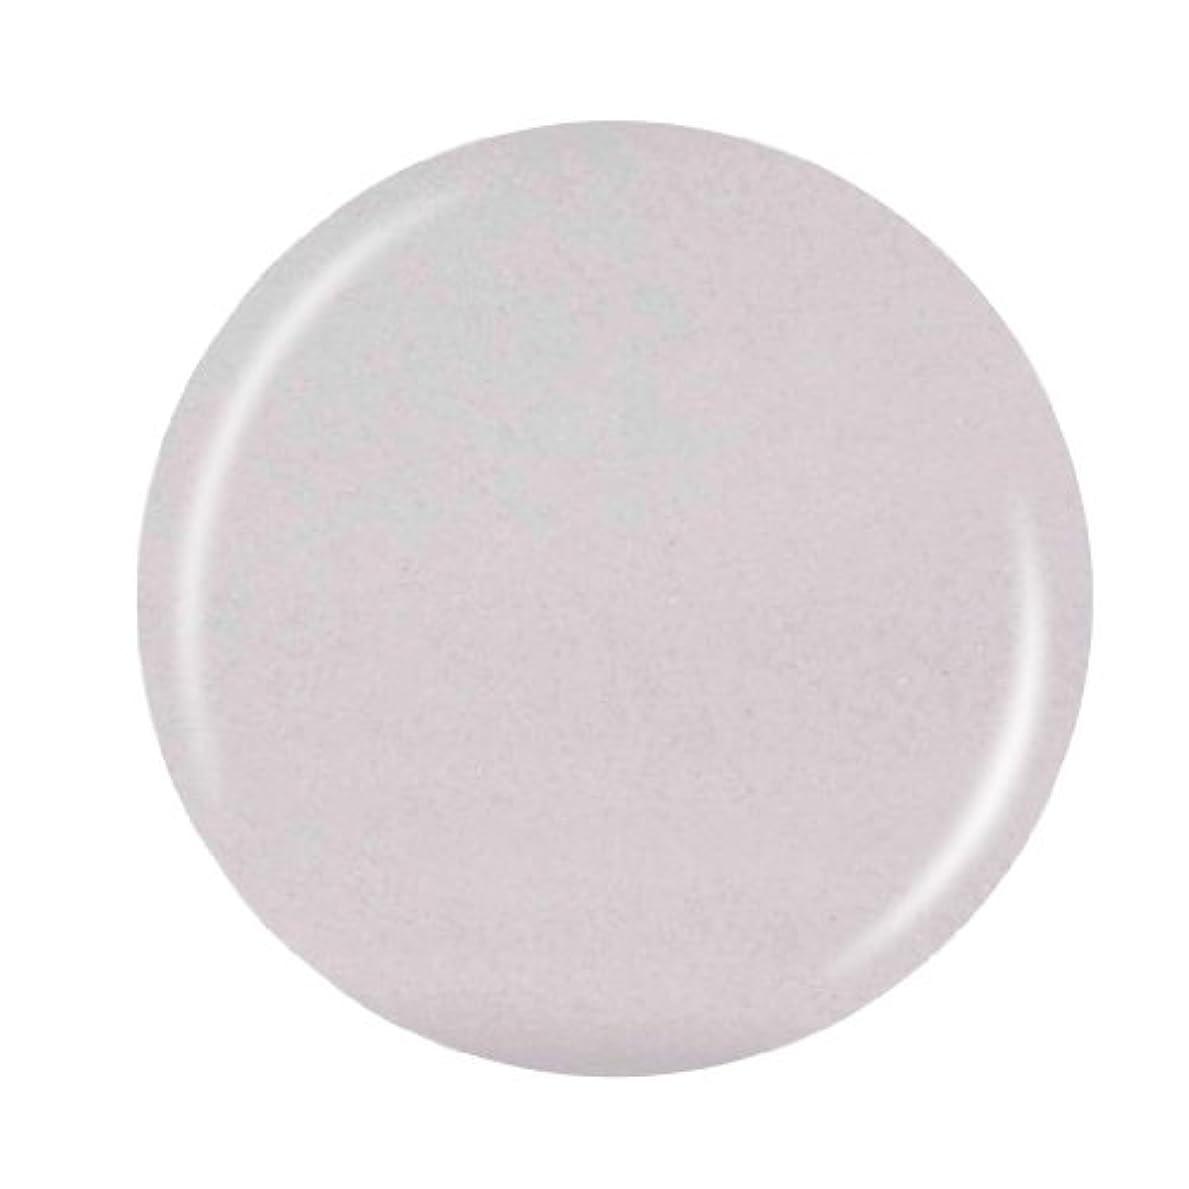 郵便局雇用慢性的EzFlow Acrylic Powder - Murano Glass Collection - Wispy - 0.5oz / 14g